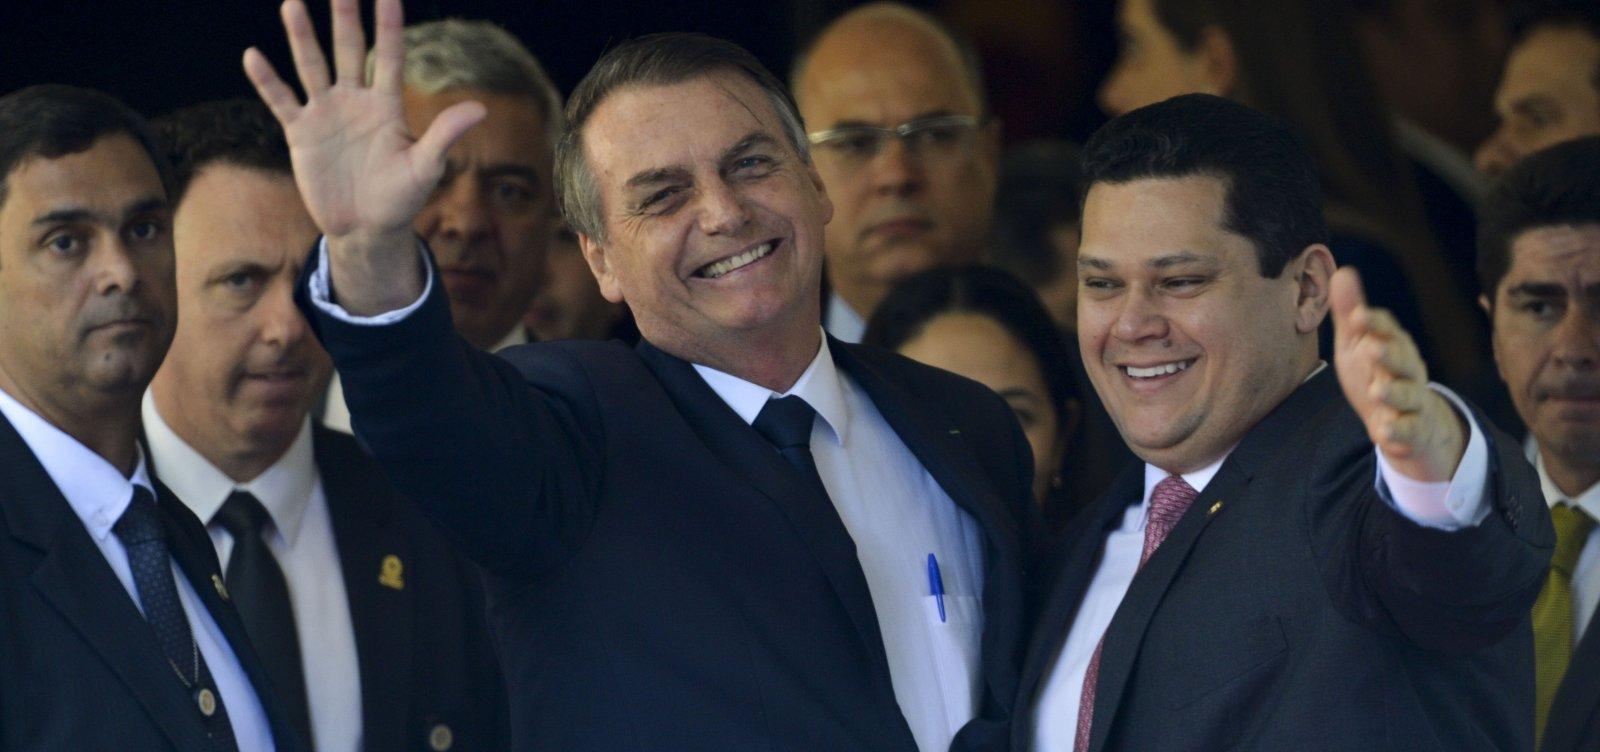 CNI/Ibope: 59% concordam com reforma da Previdência, mas maioria rejeita proposta de Bolsonaro